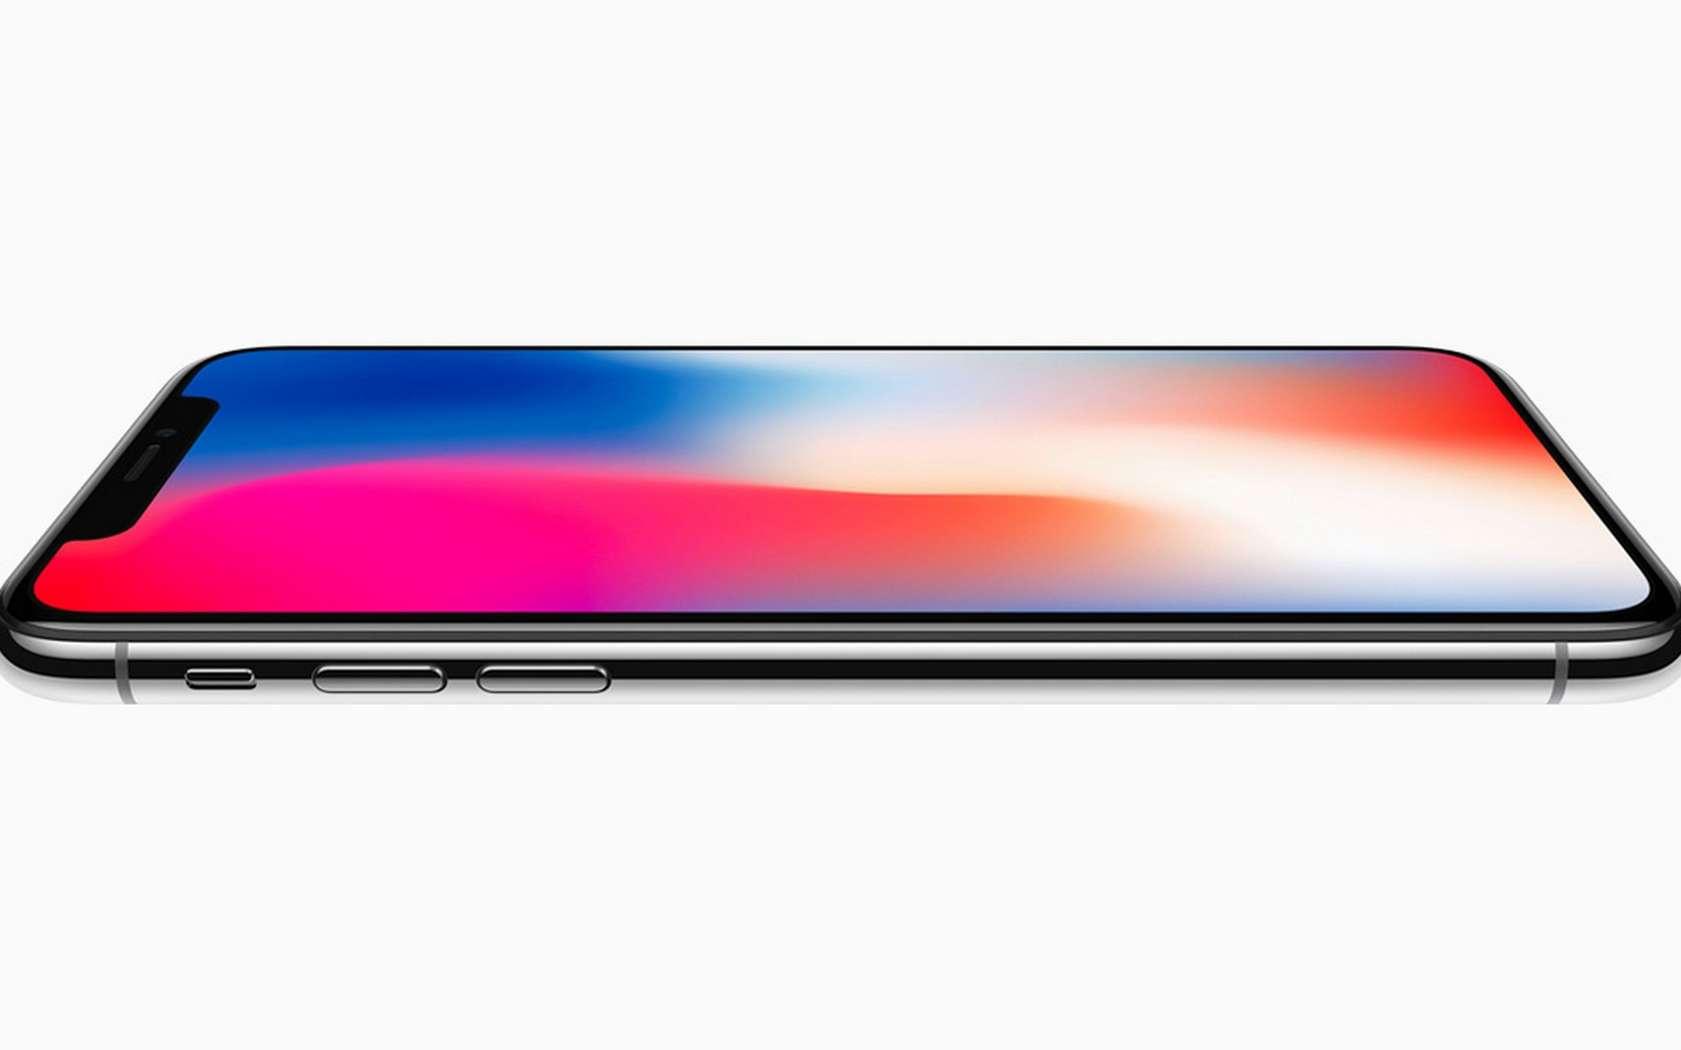 Nombreux sont les constructeurs de smartphones qui copient l'encoche de iPhone X. © Apple